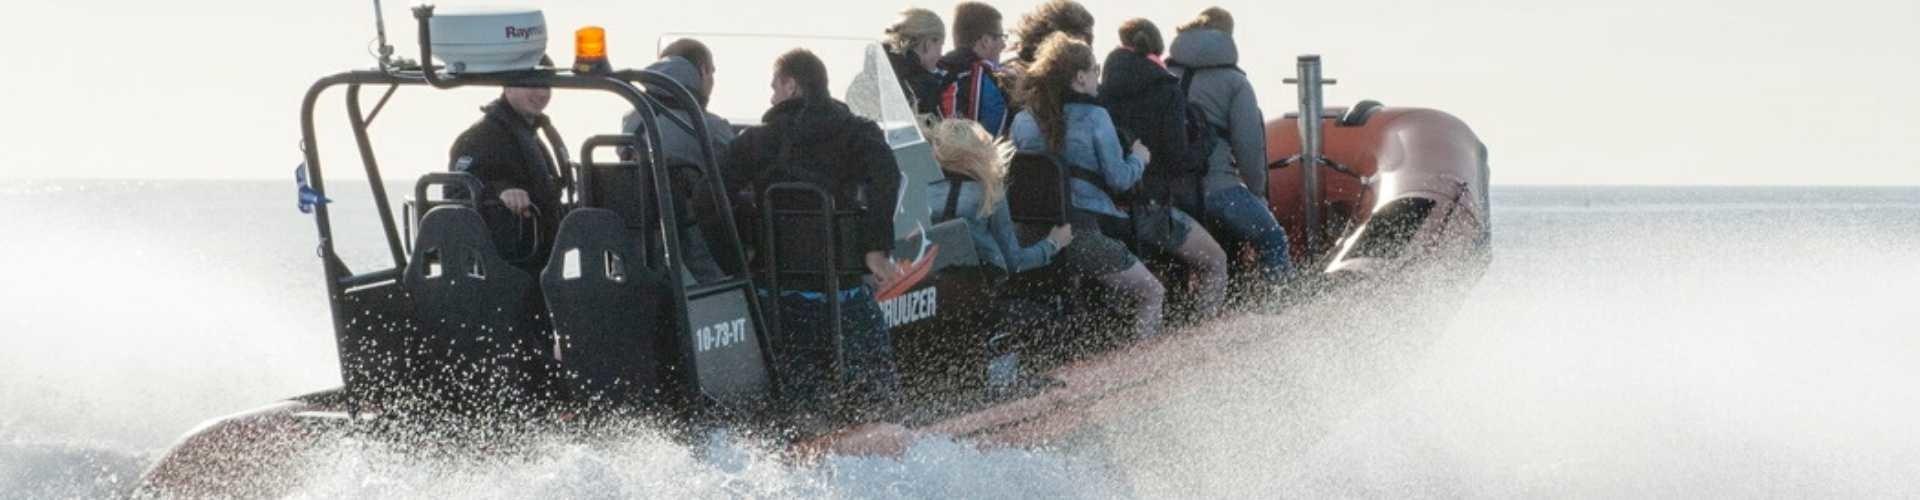 powerboat op de waddenzee bij texel